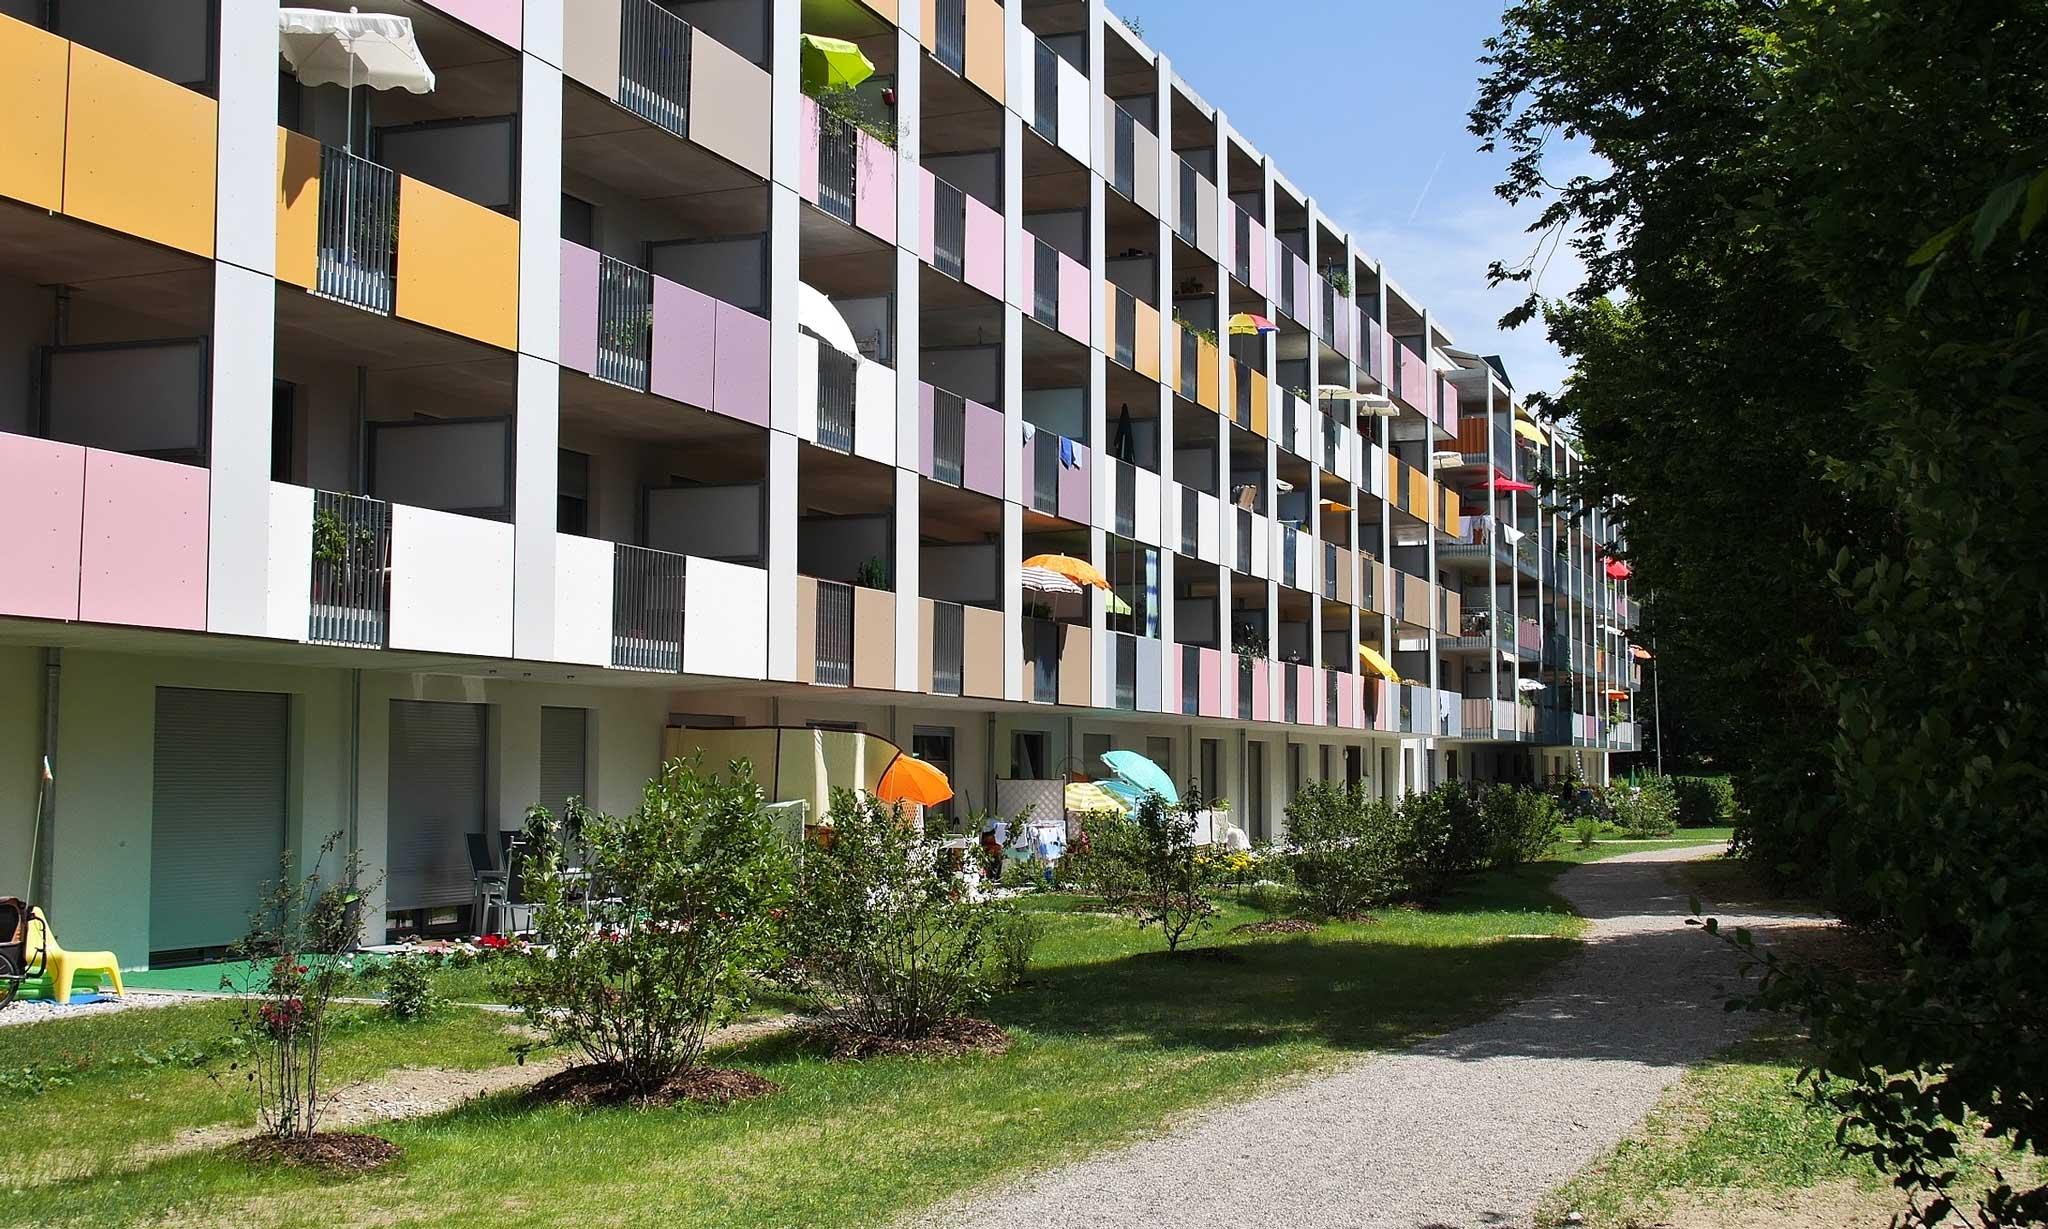 Wilhelmine-Lübke-Haus Landschaftsarchitektur Außenanlagen